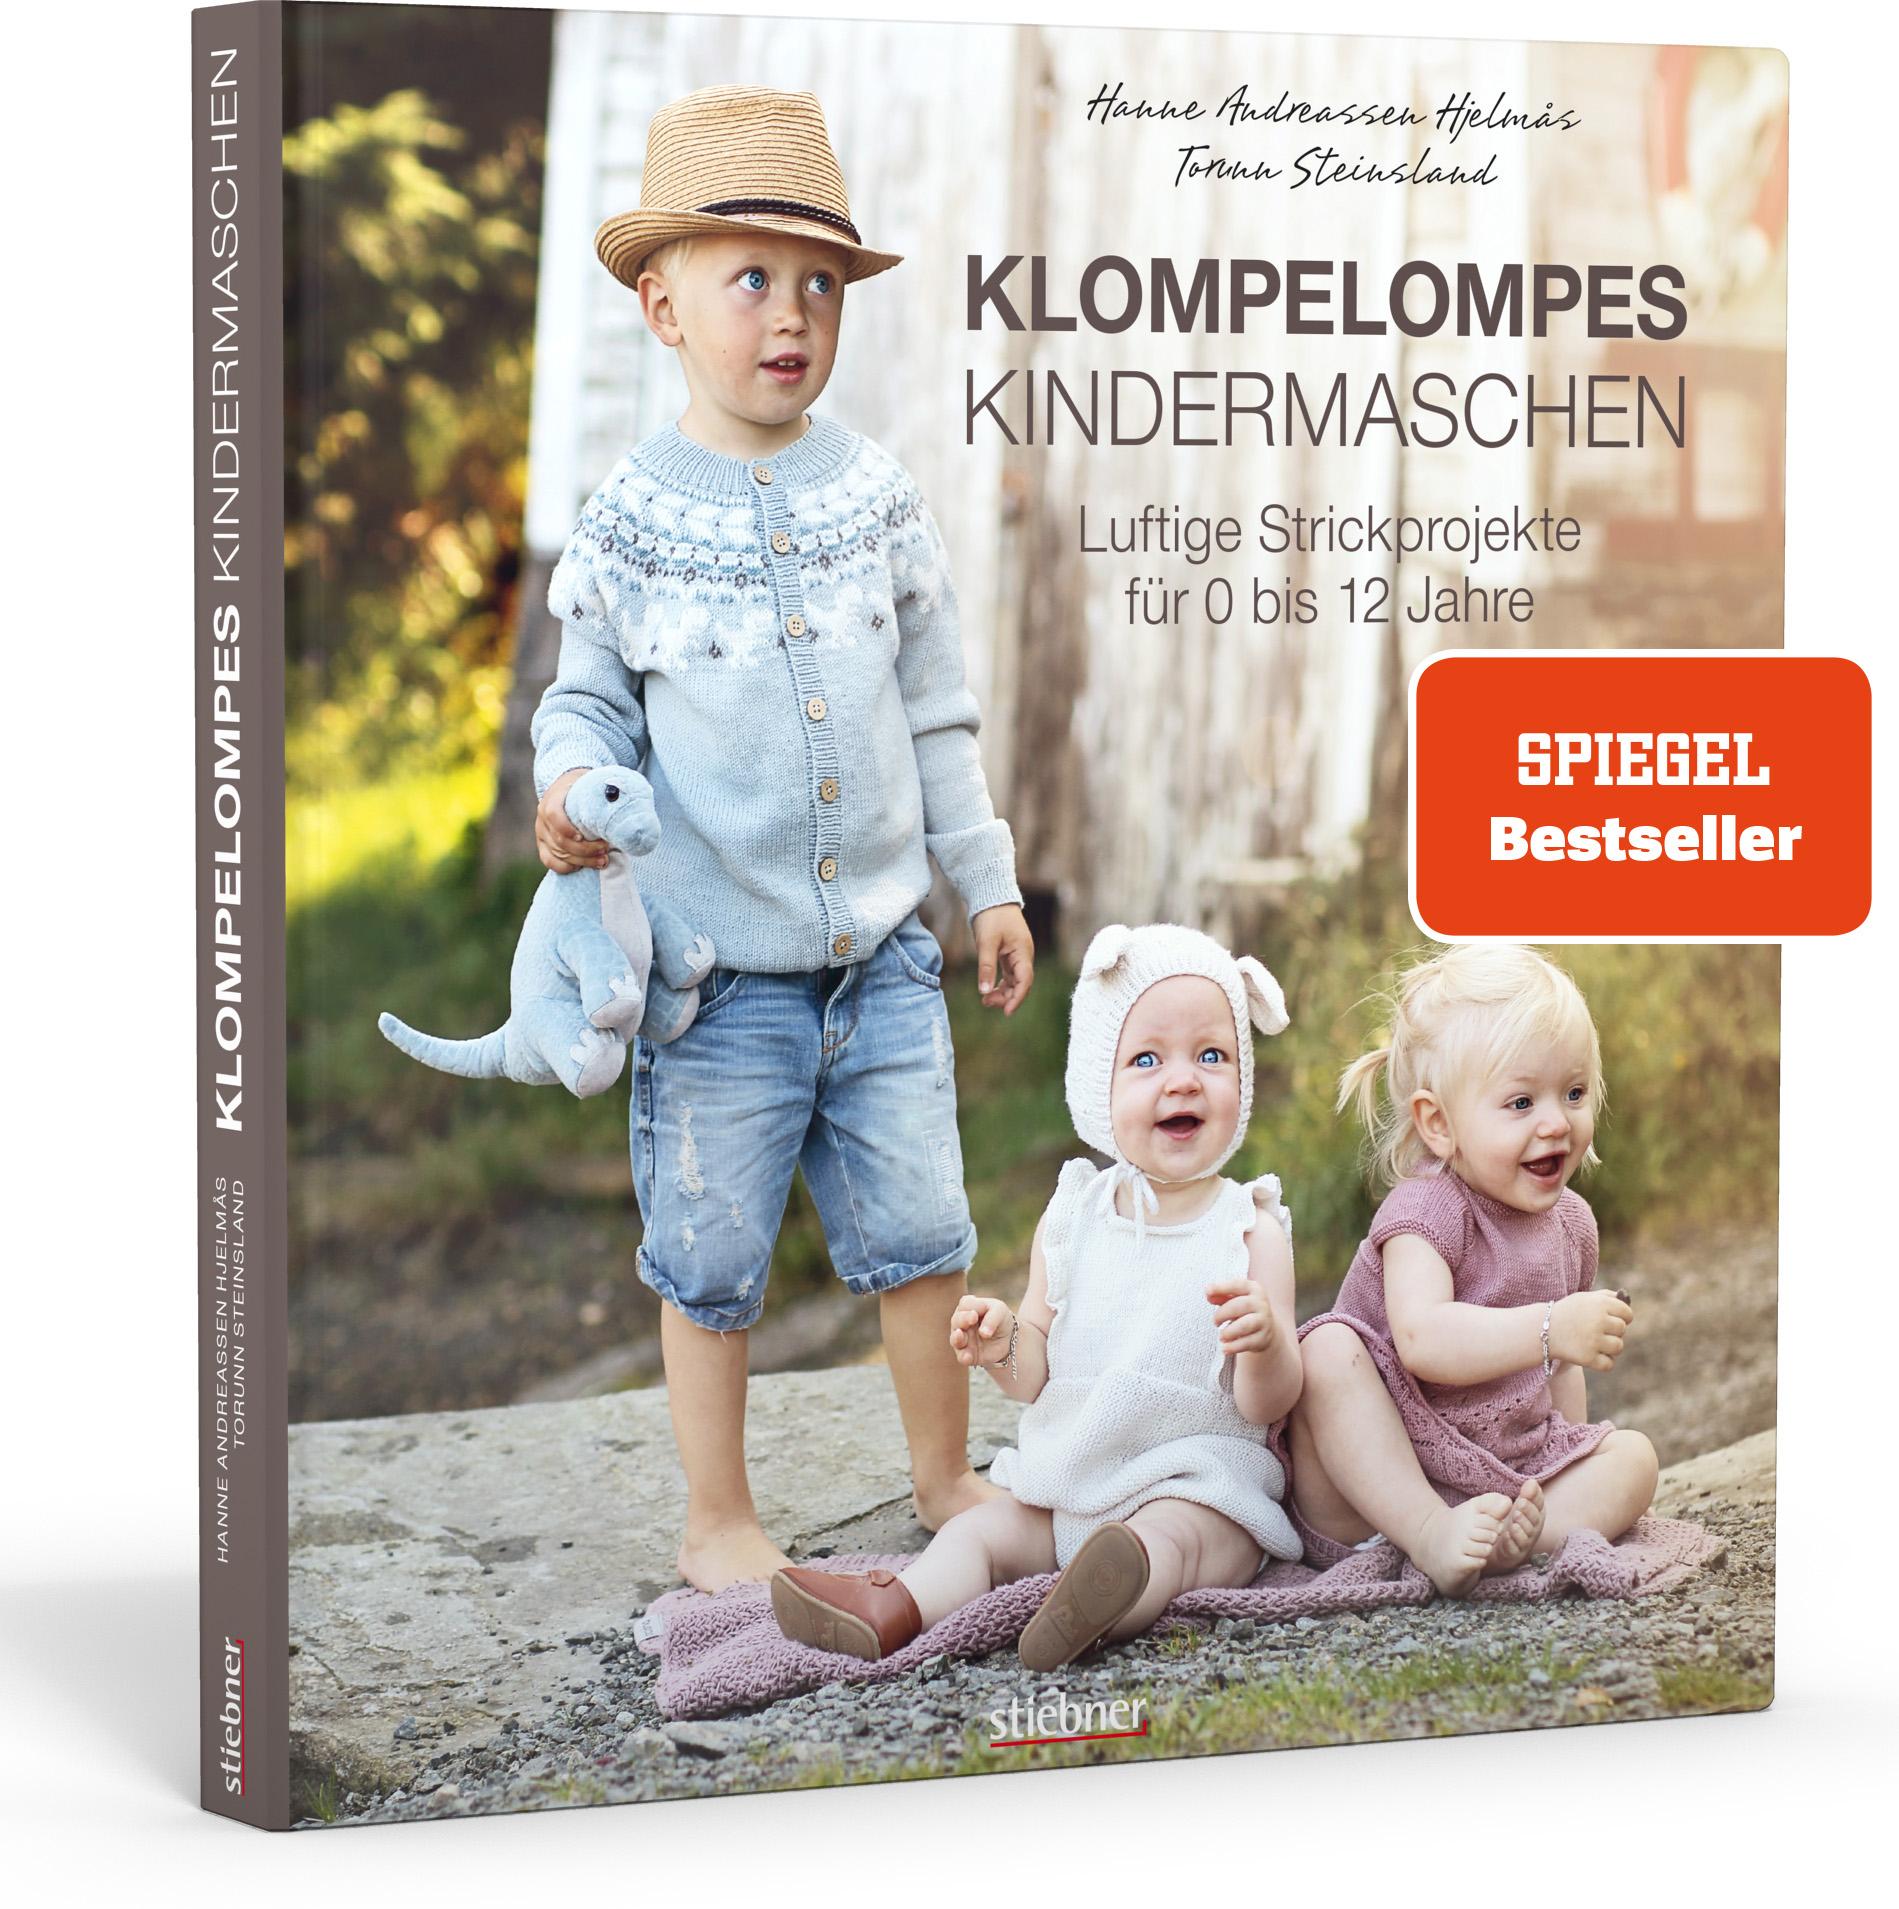 Klompelompe (Hjelmas & Steinsland)